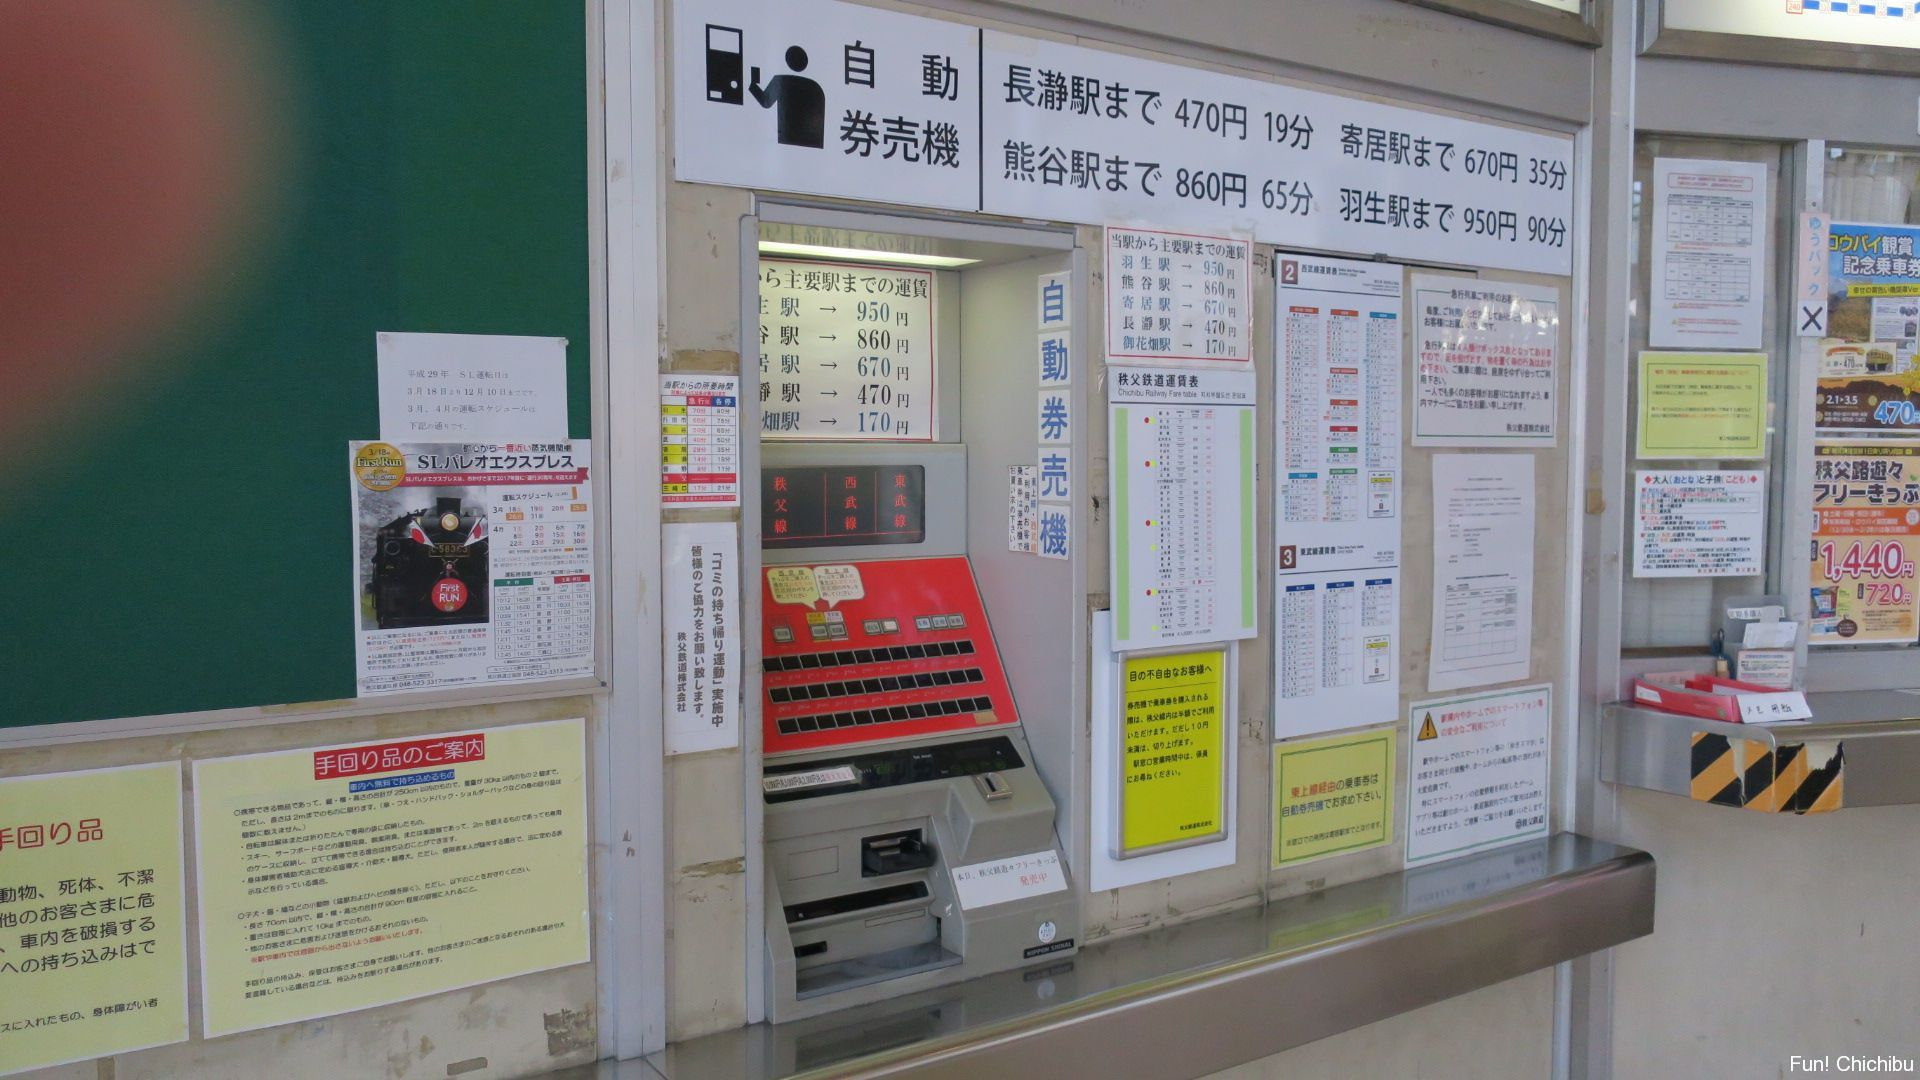 秩父地場産センター(秩父駅)